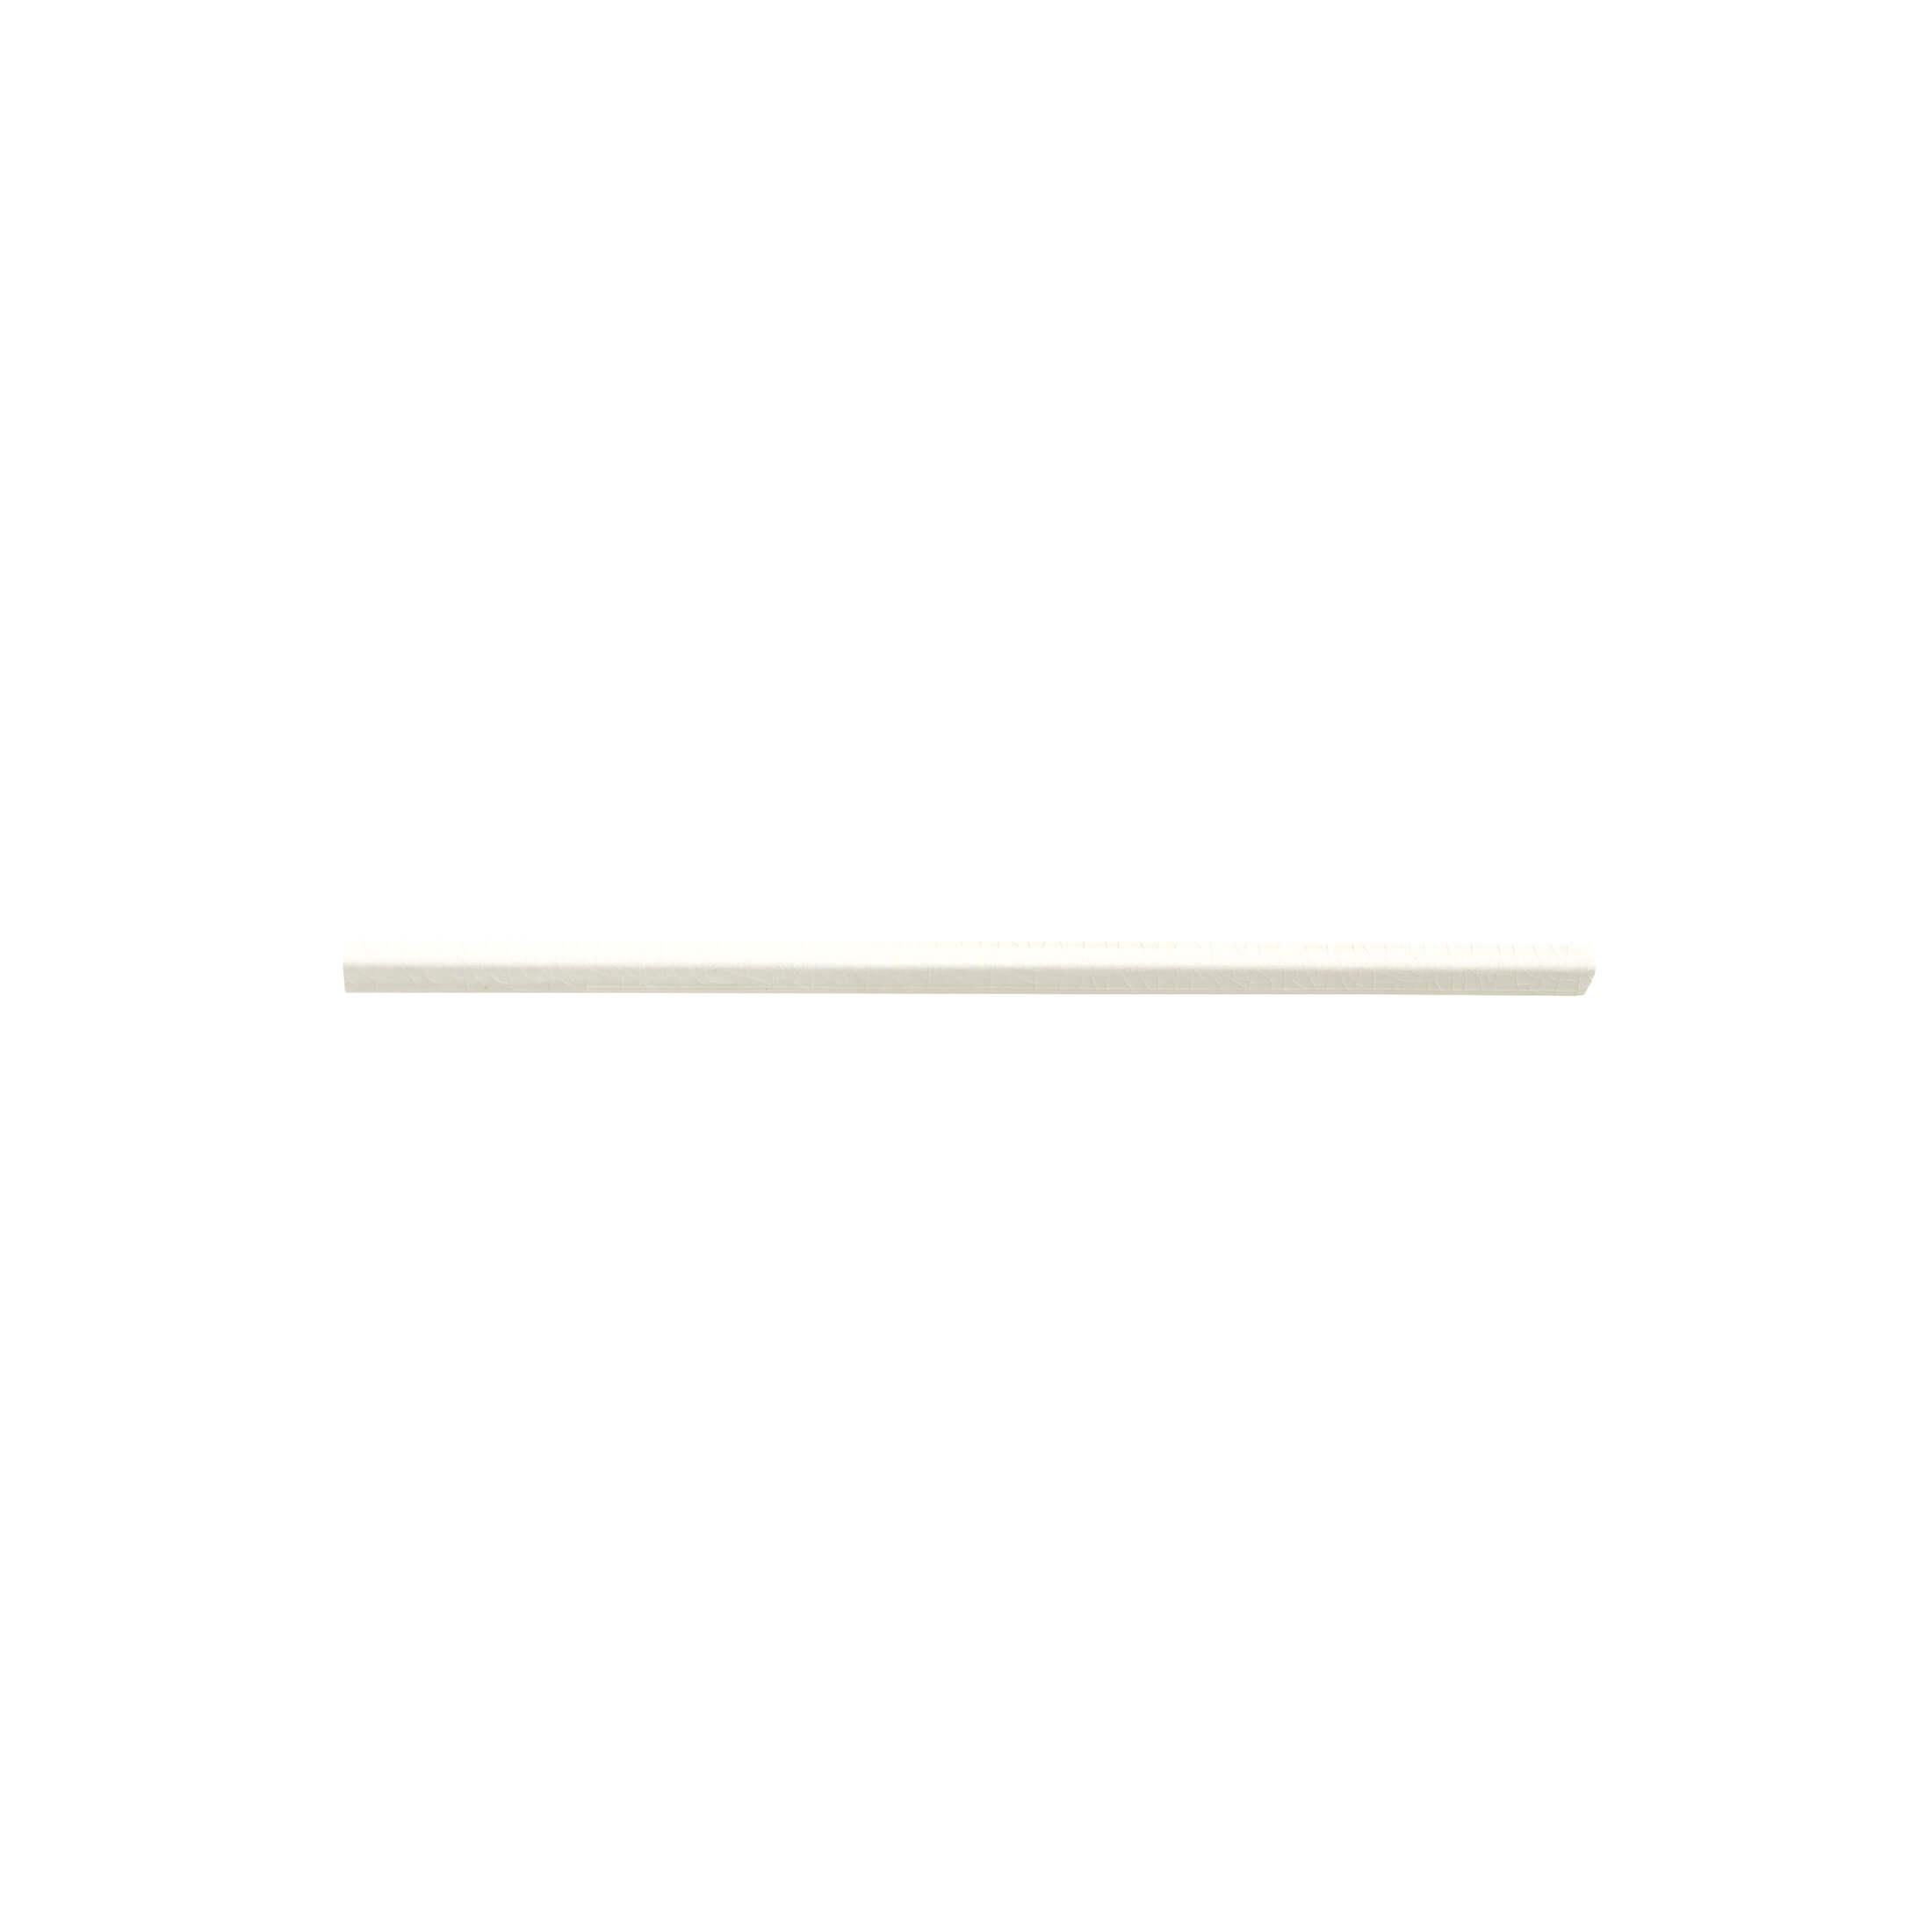 ADMO5423 - BULLNOSE TRIM C/C - 0.85 cm X 20 cm